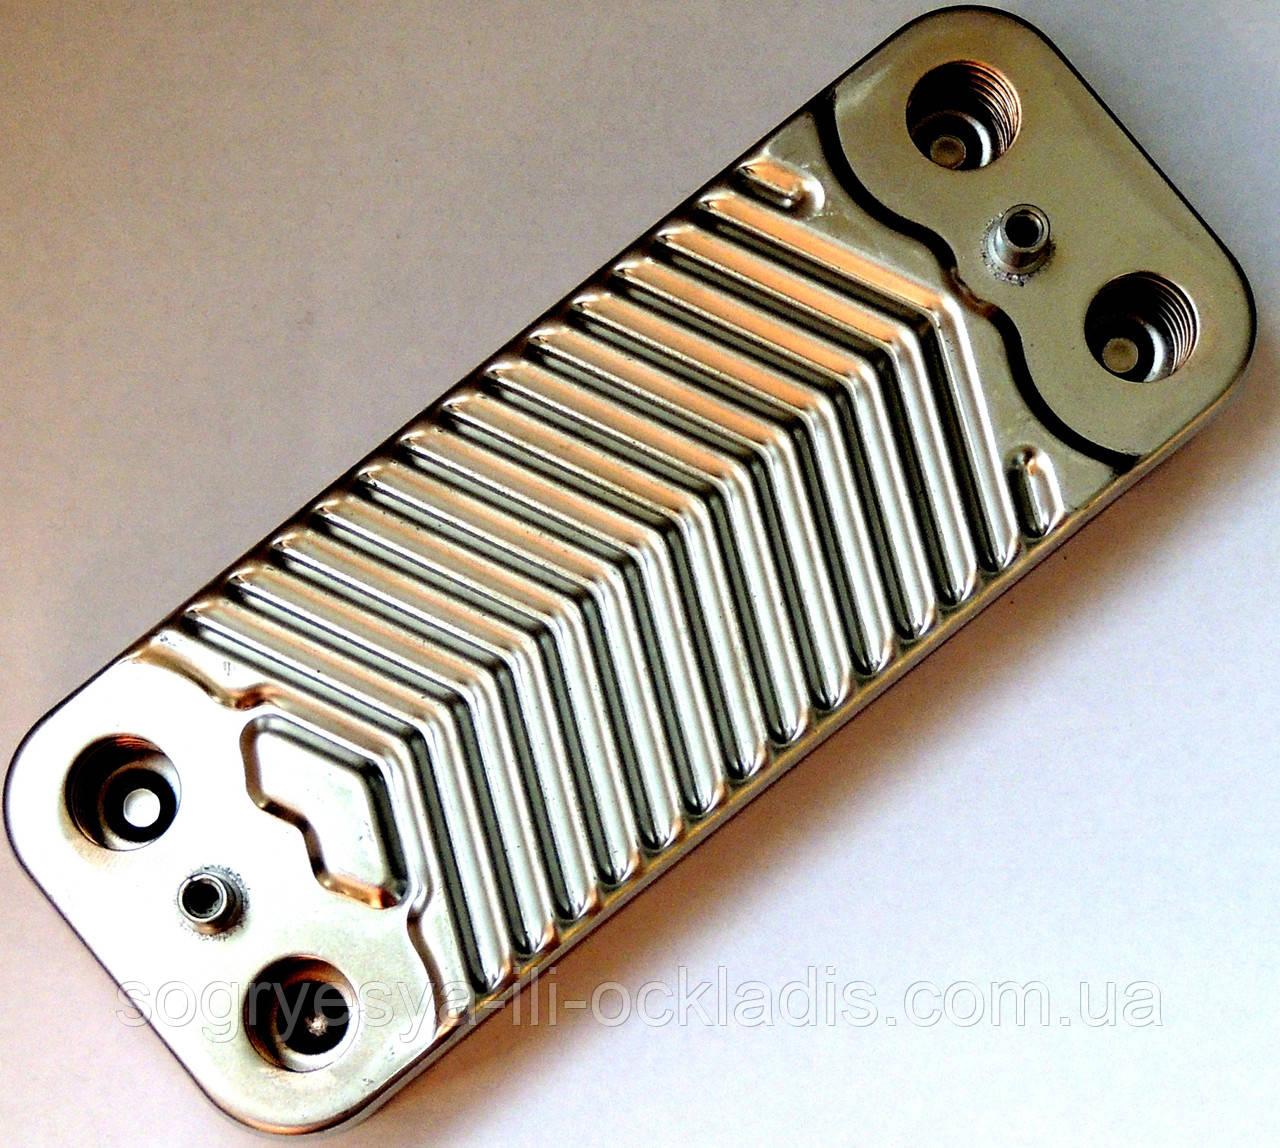 Пластинчастий теплообмінник ГВП, 12 пластин, з'єднання - шліцьове, L=154 мм, код сайту 4097